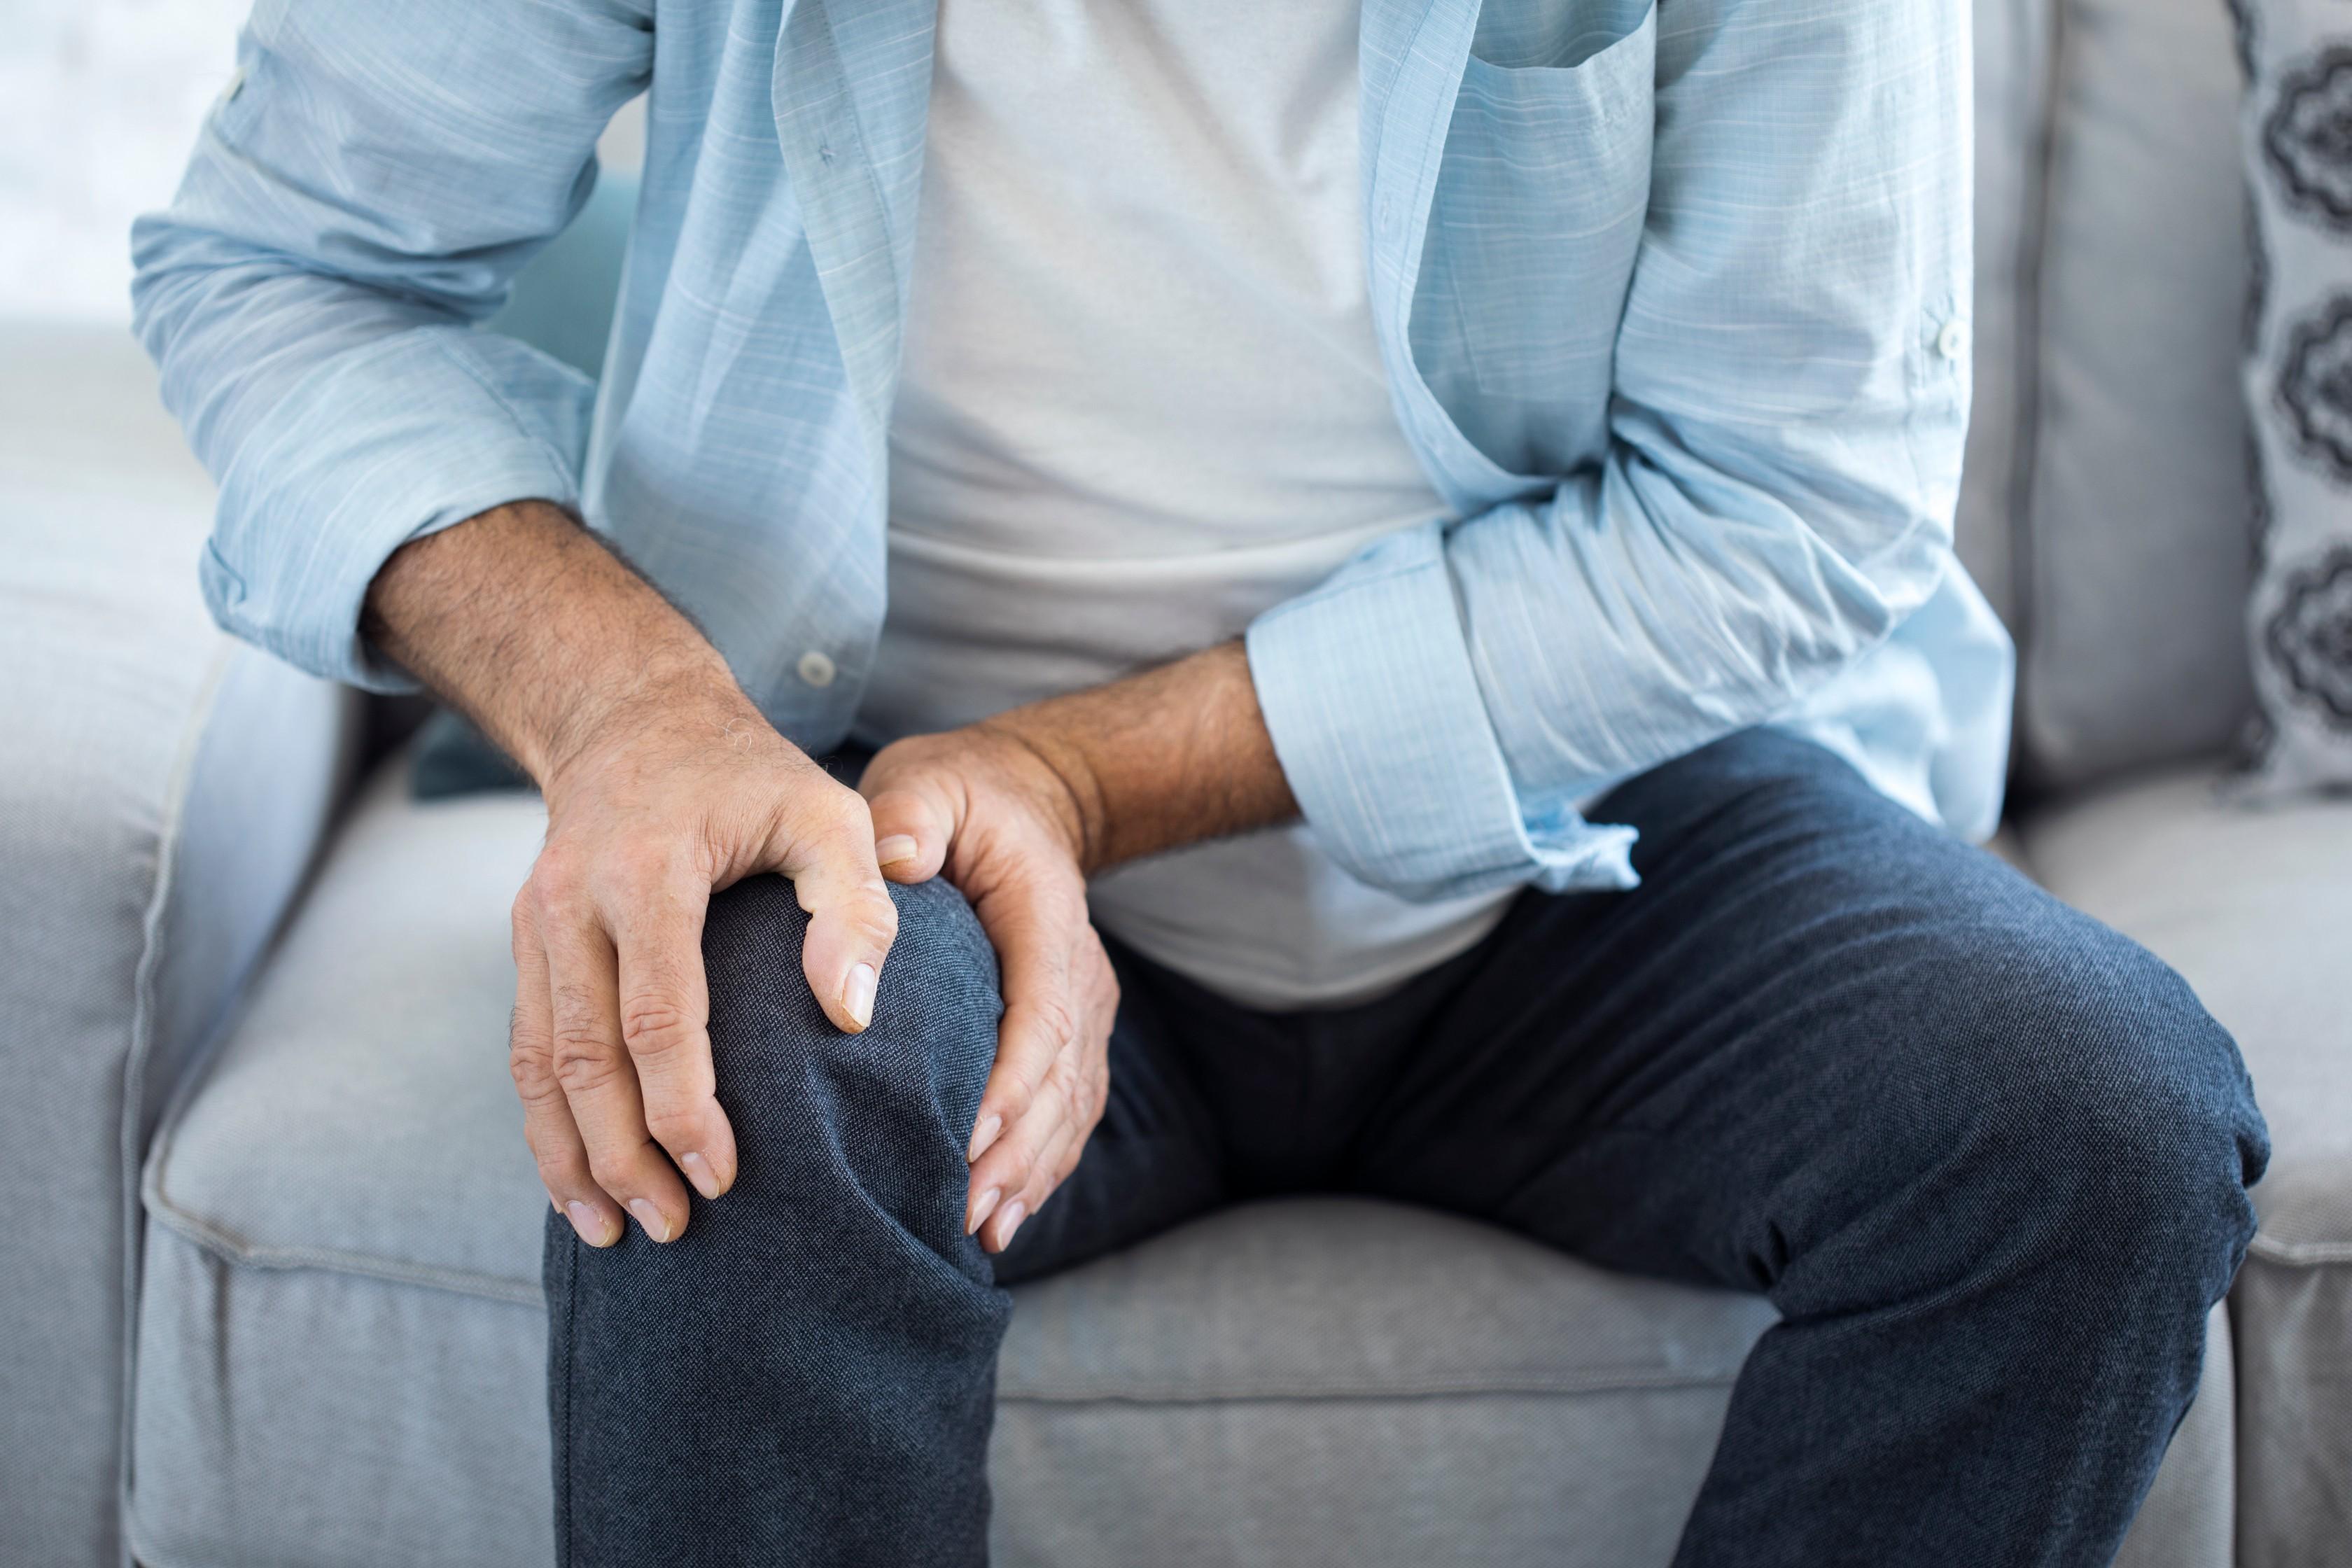 ropogás és ízületi fájdalom járás közben az ujj ízülete vágás után fáj